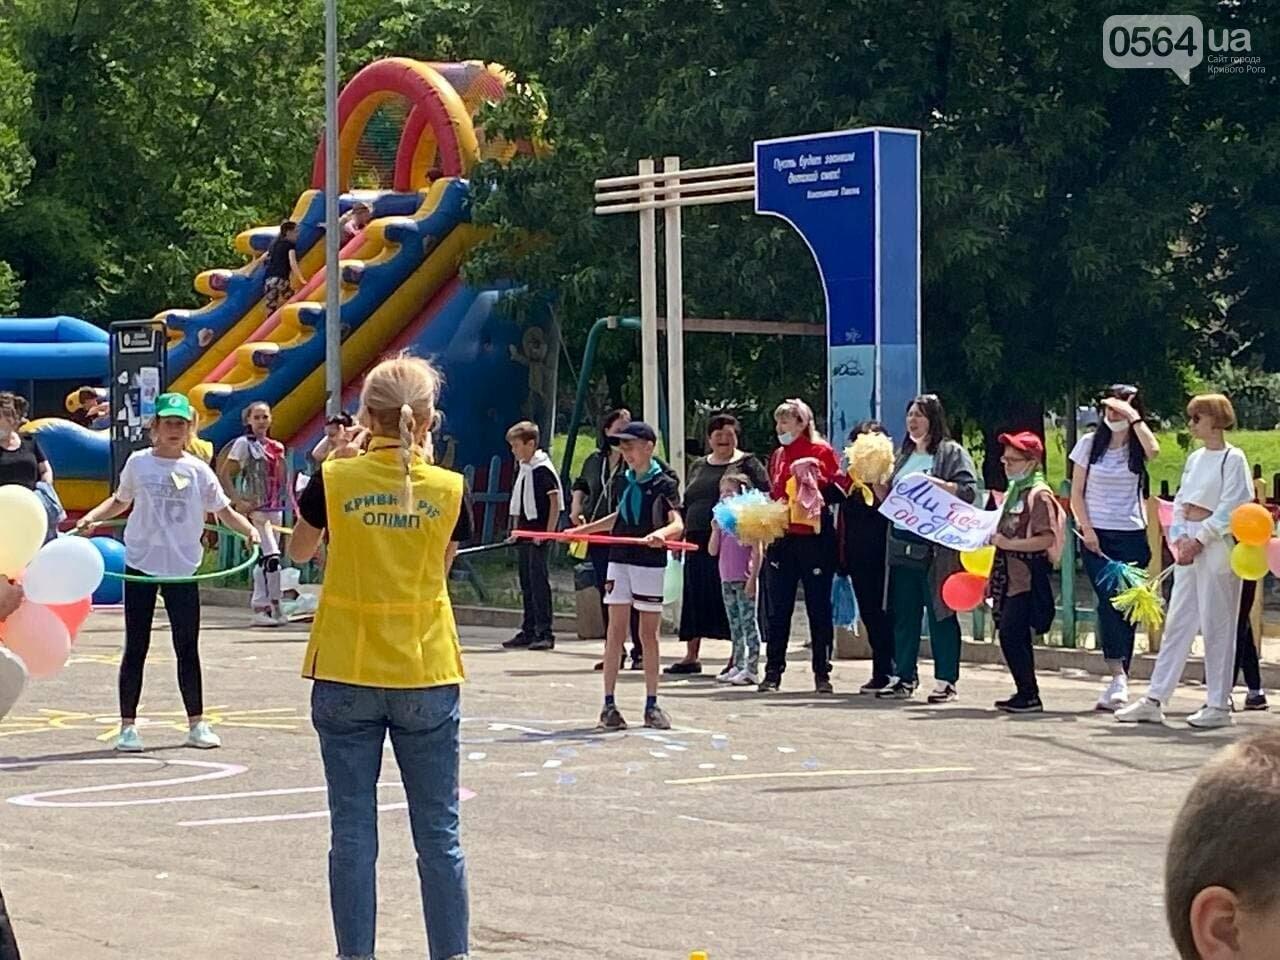 В Кривом Роге для детей провели спартакиаду, - ФОТО, ВИДЕО  , фото-46